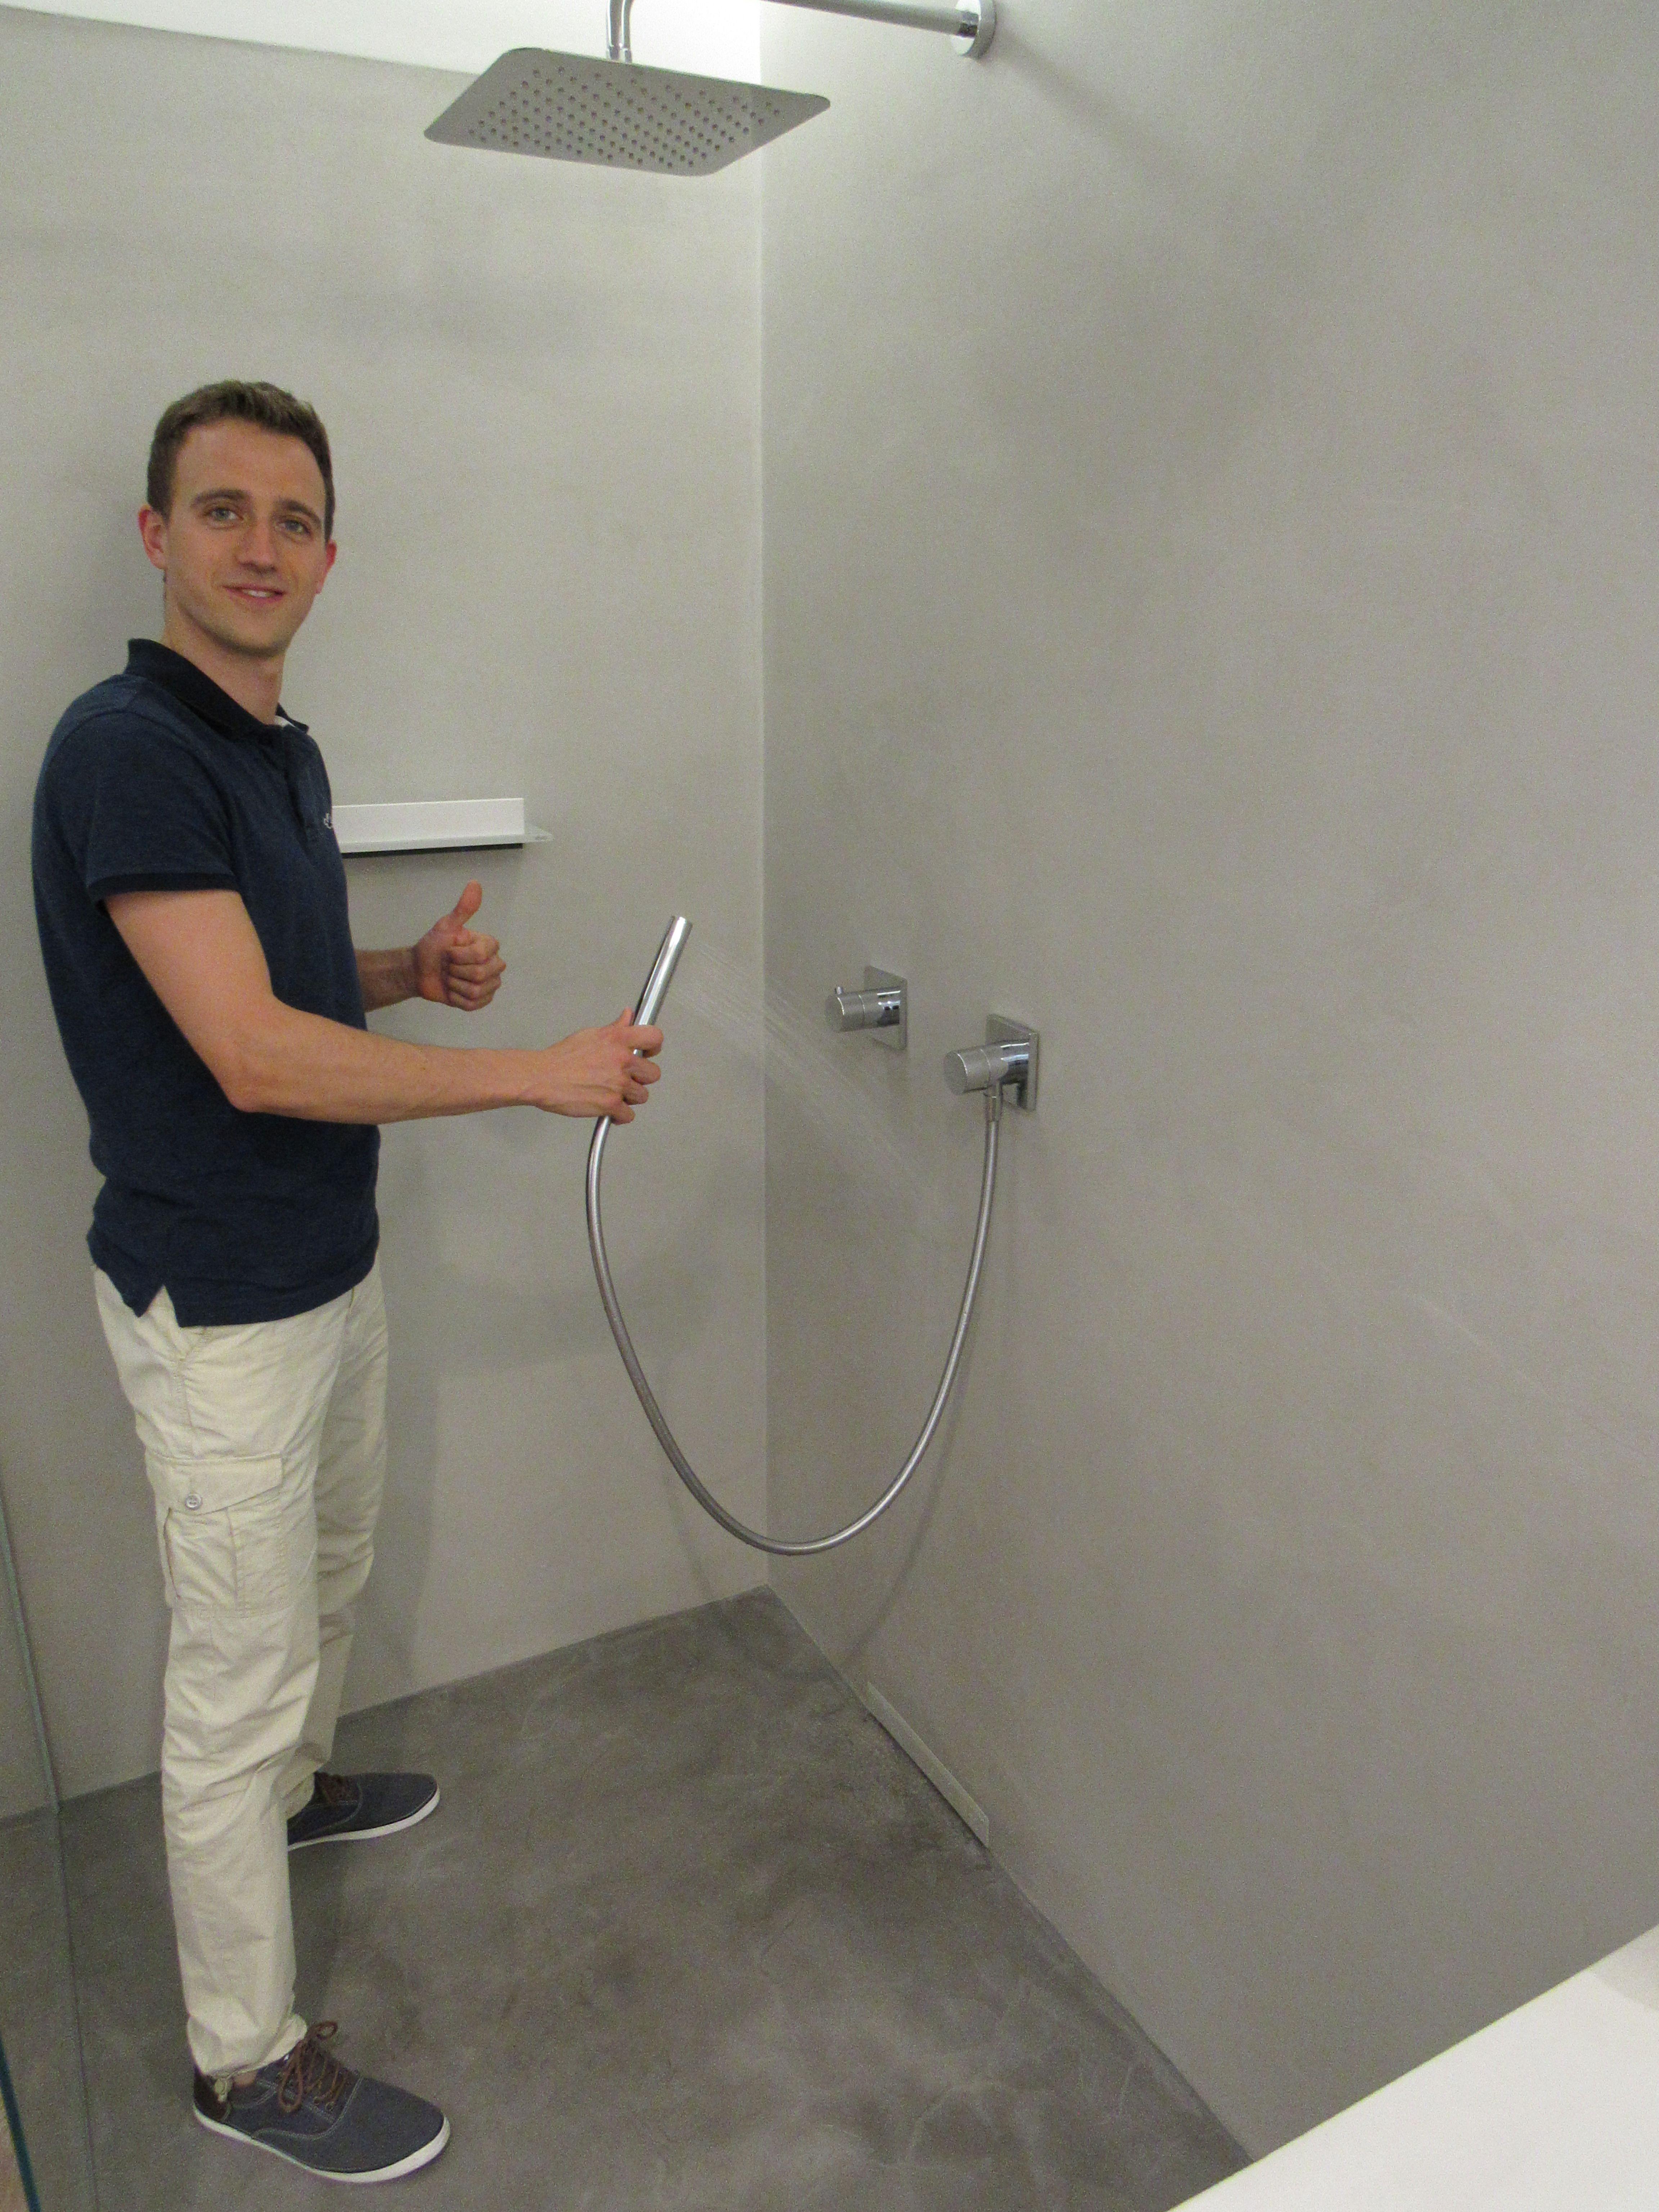 Gespachtelte Dusche – fugenlos  schön in der Ausstellung in Mainz